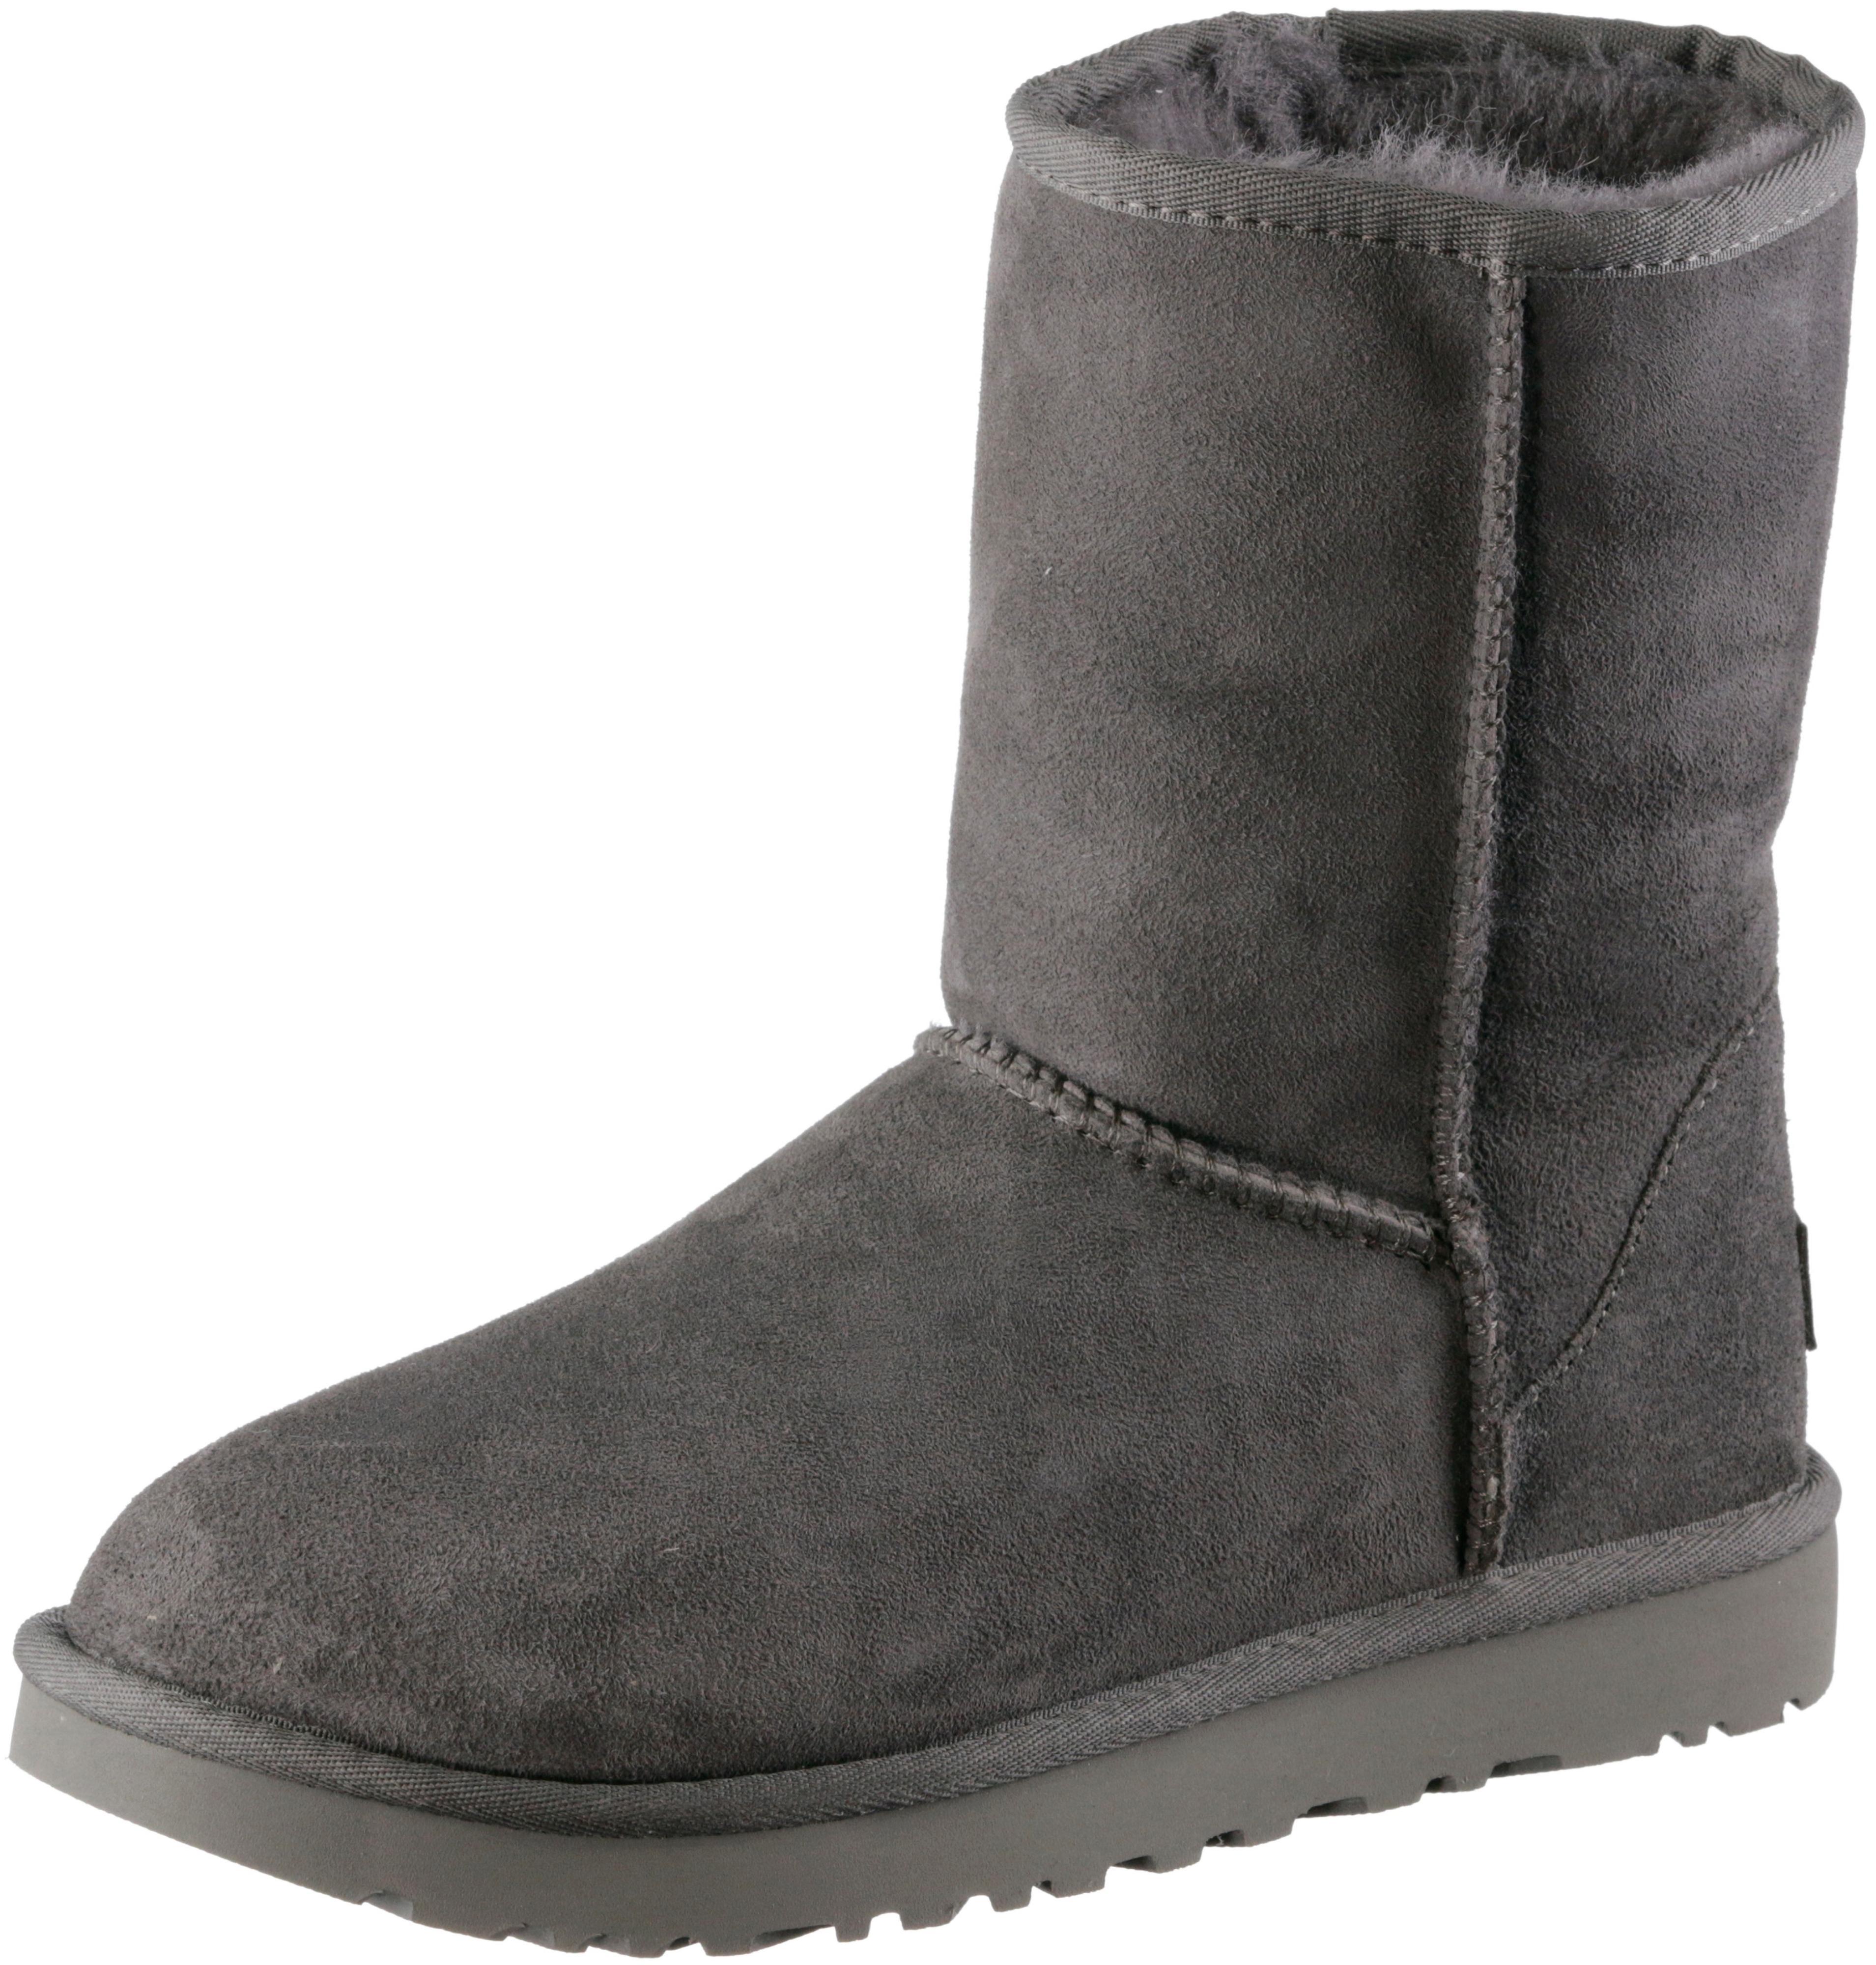 Ii Online Grey Stiefel Short Von Sportscheck Im Shop Ugg Classic Kaufen Damen j5L4Aq3R